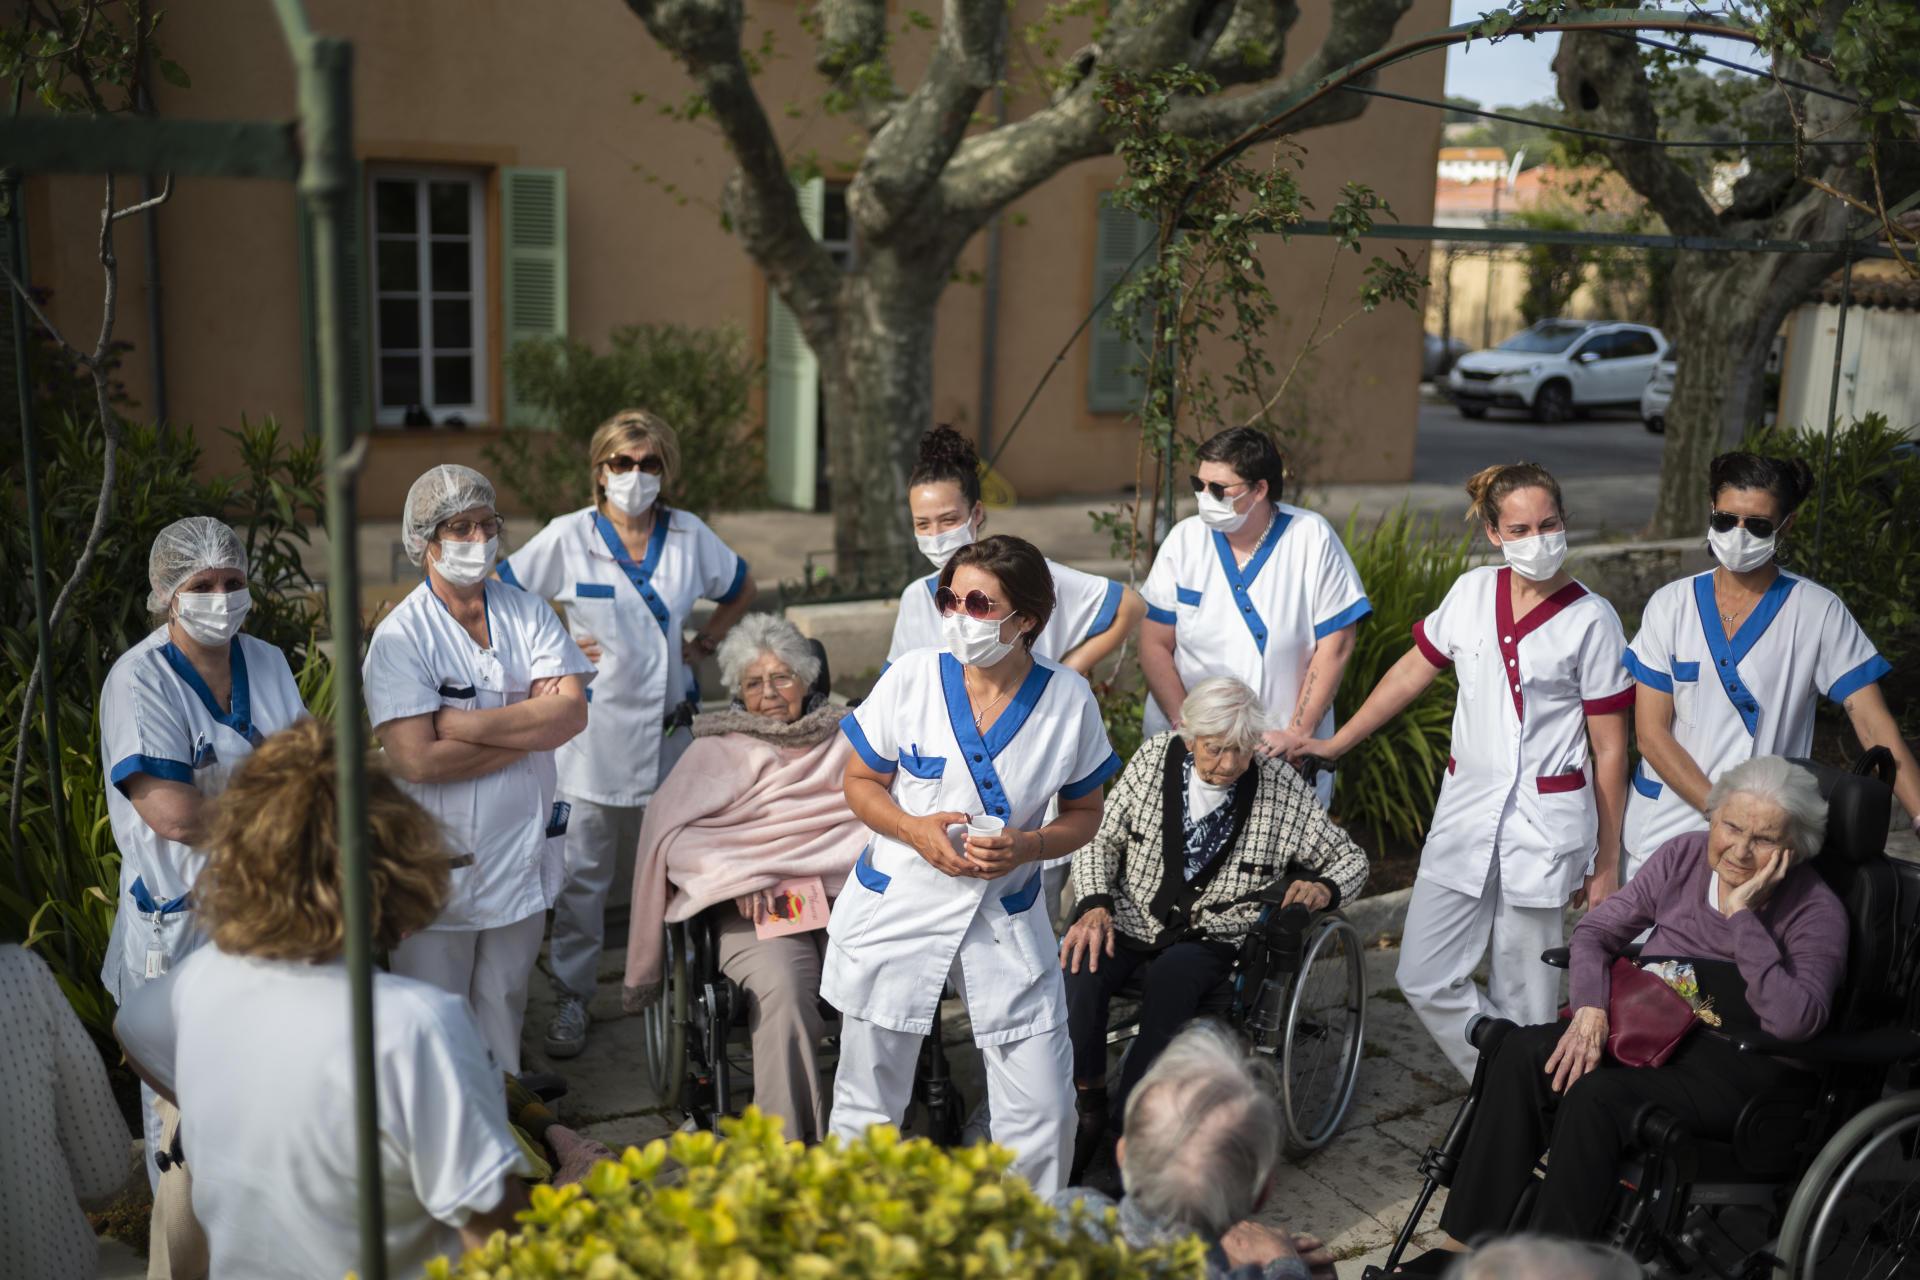 Depuis deux semaines, le personnel s'est confiné avec les pensionnaires afin de limiter leur contact avec l'extérieur.